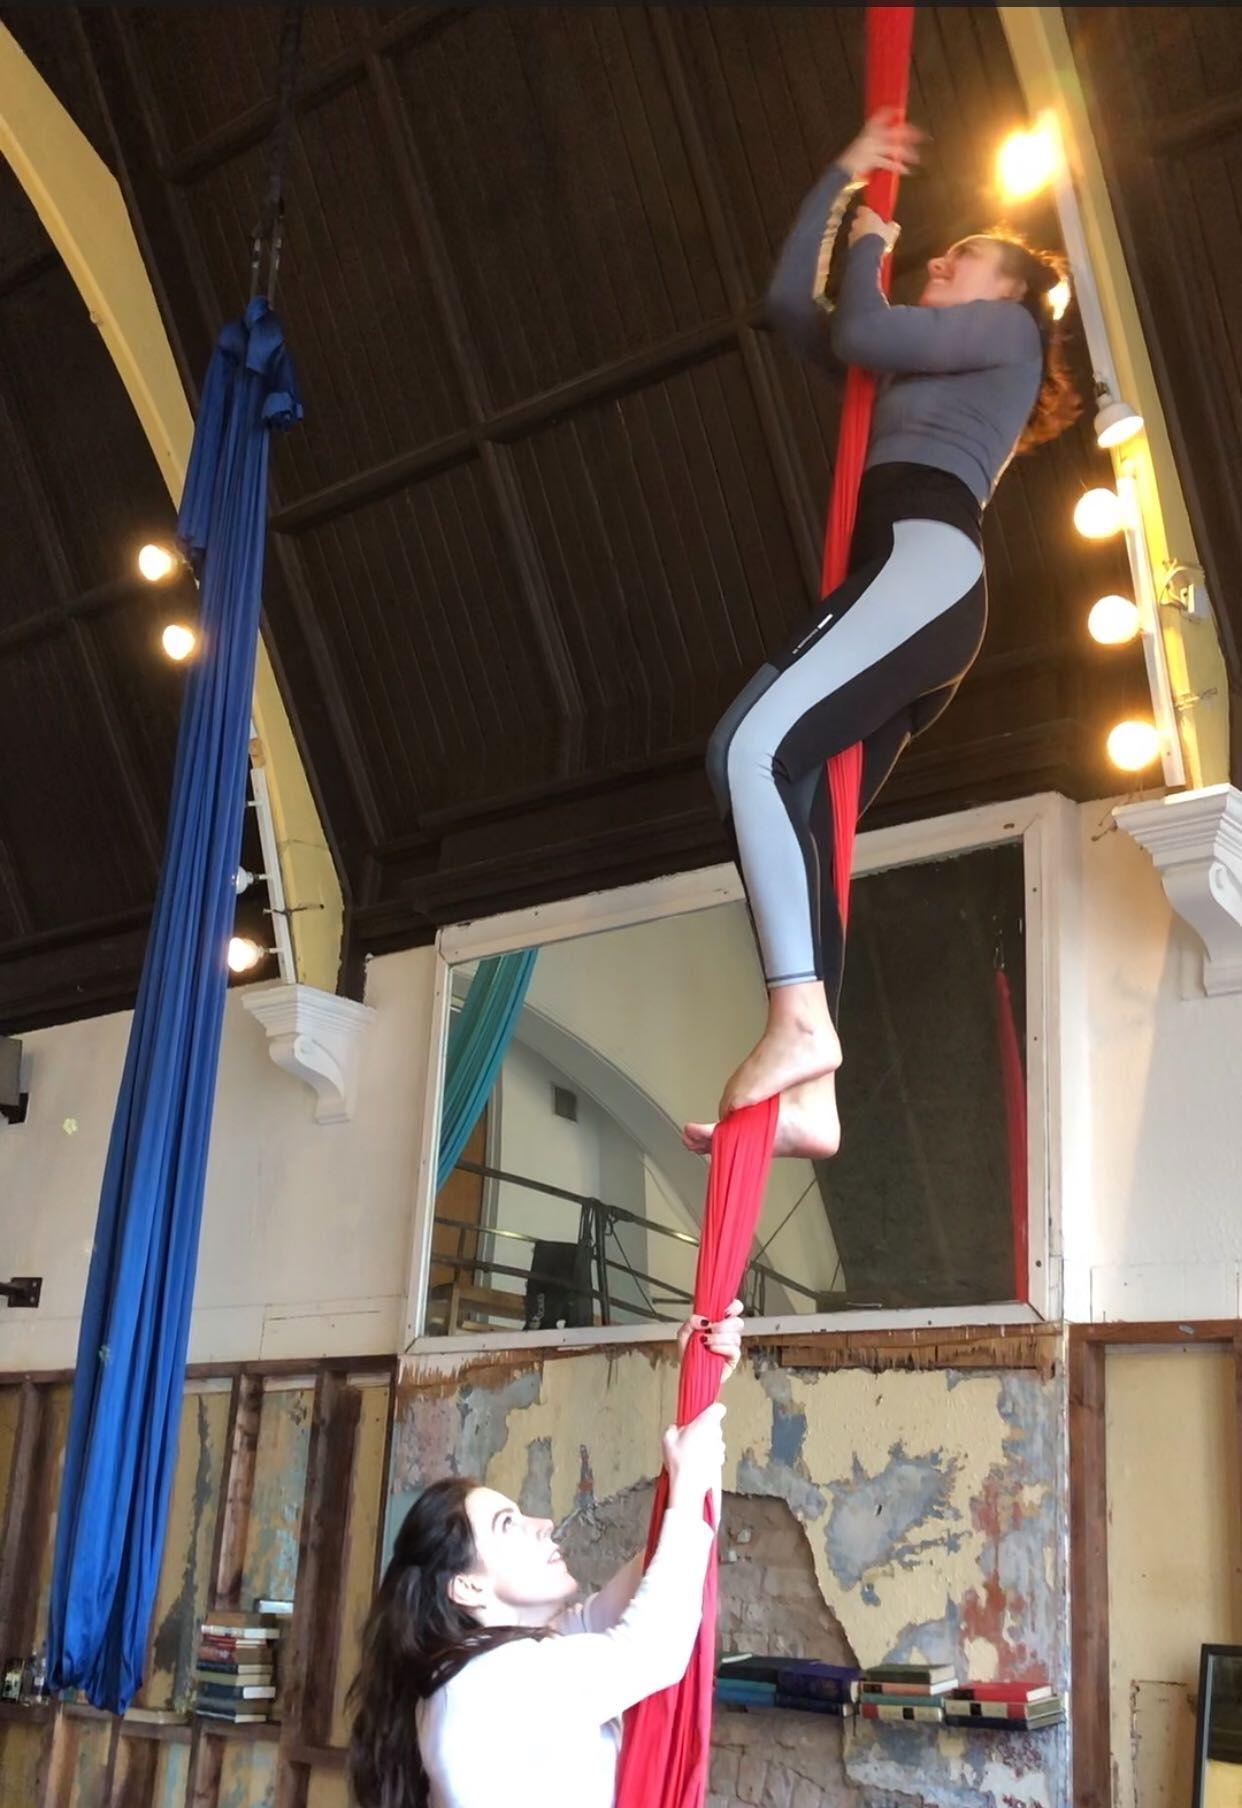 saoirse trying aerial cirque in Dublin